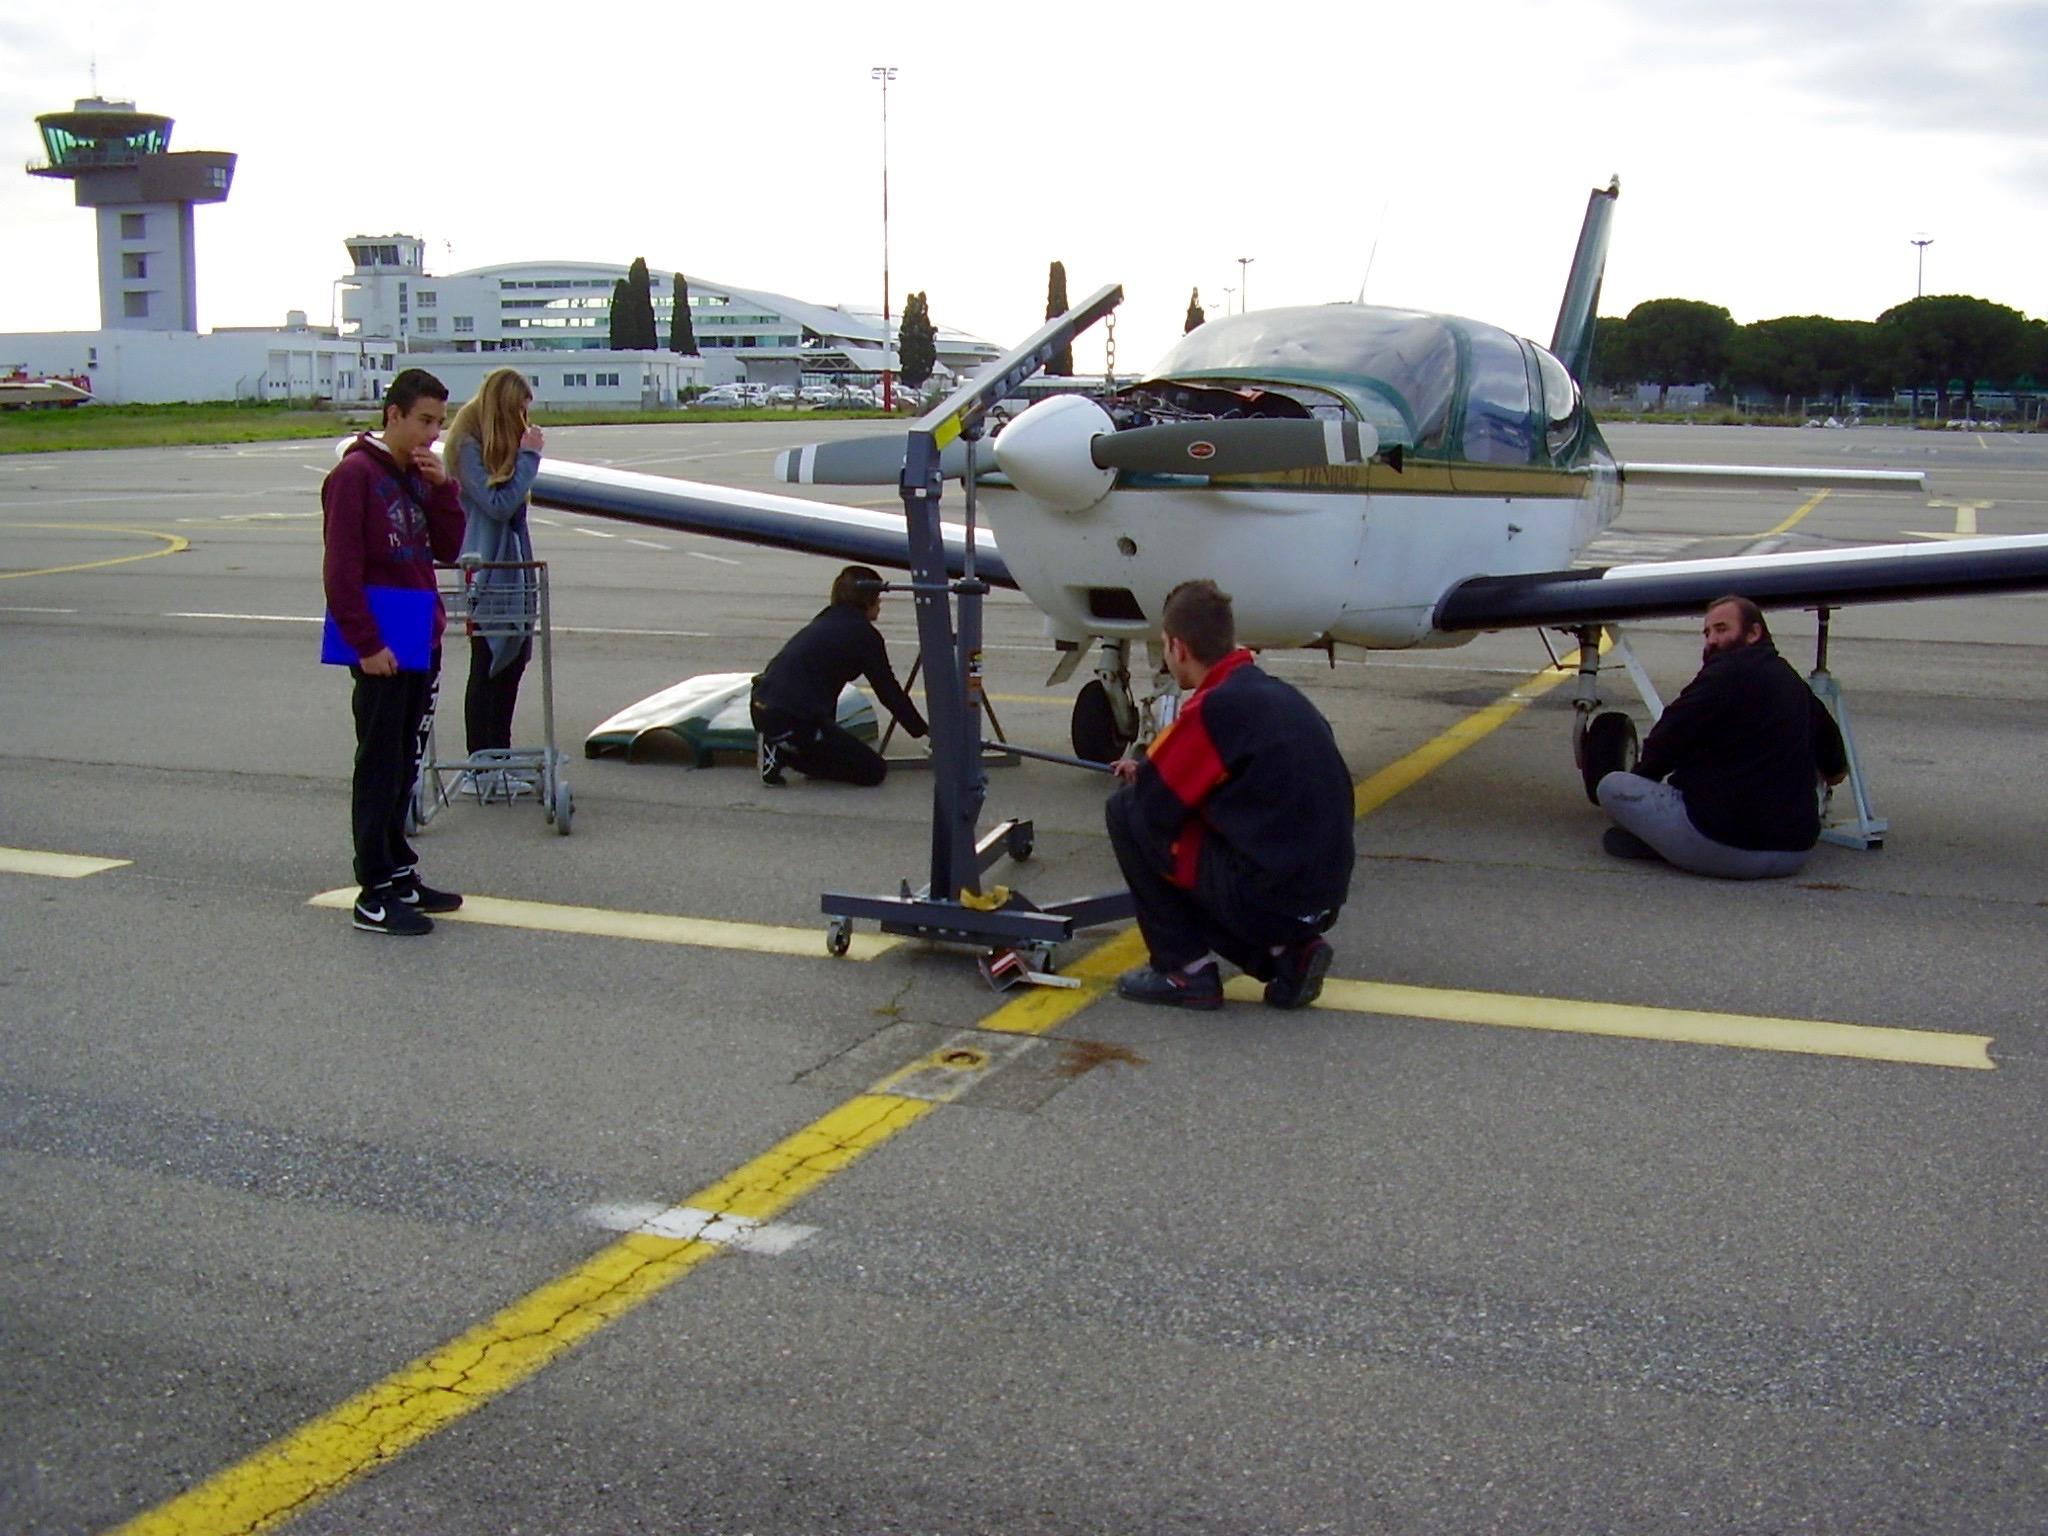 Le TB20 de Jean-Stéphane à l'entretien - Unité de maintenance PART-MF034